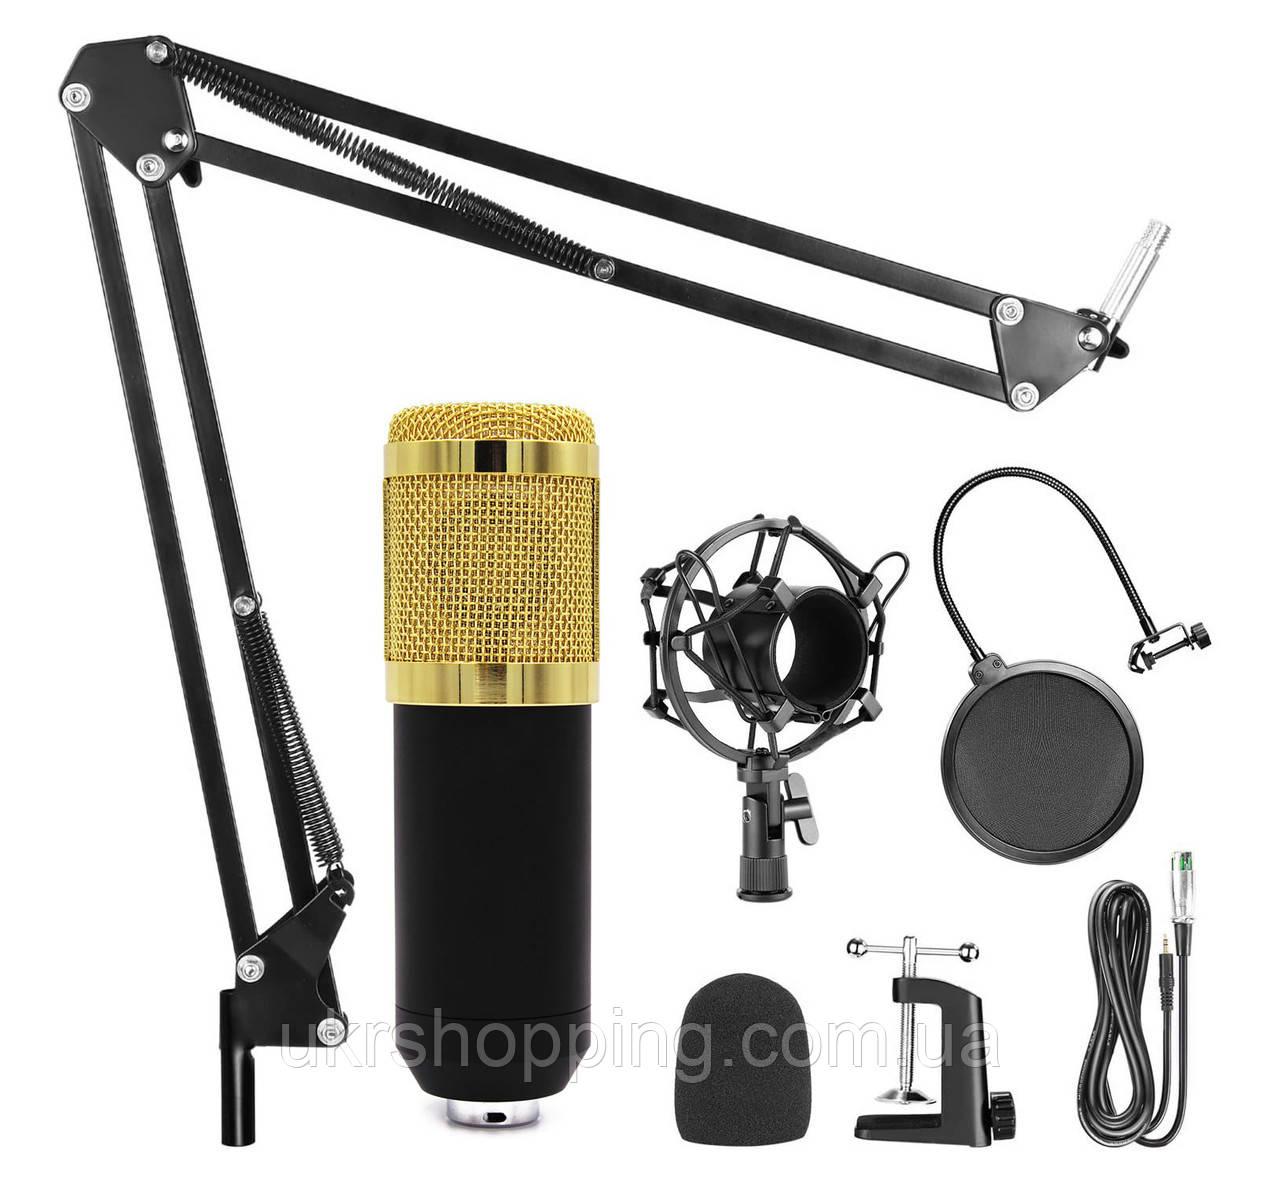 Студийный микрофон для блогеров M 800 V8 BT, микрофон для стрима, подкаста   студійний мікрофон (SH)